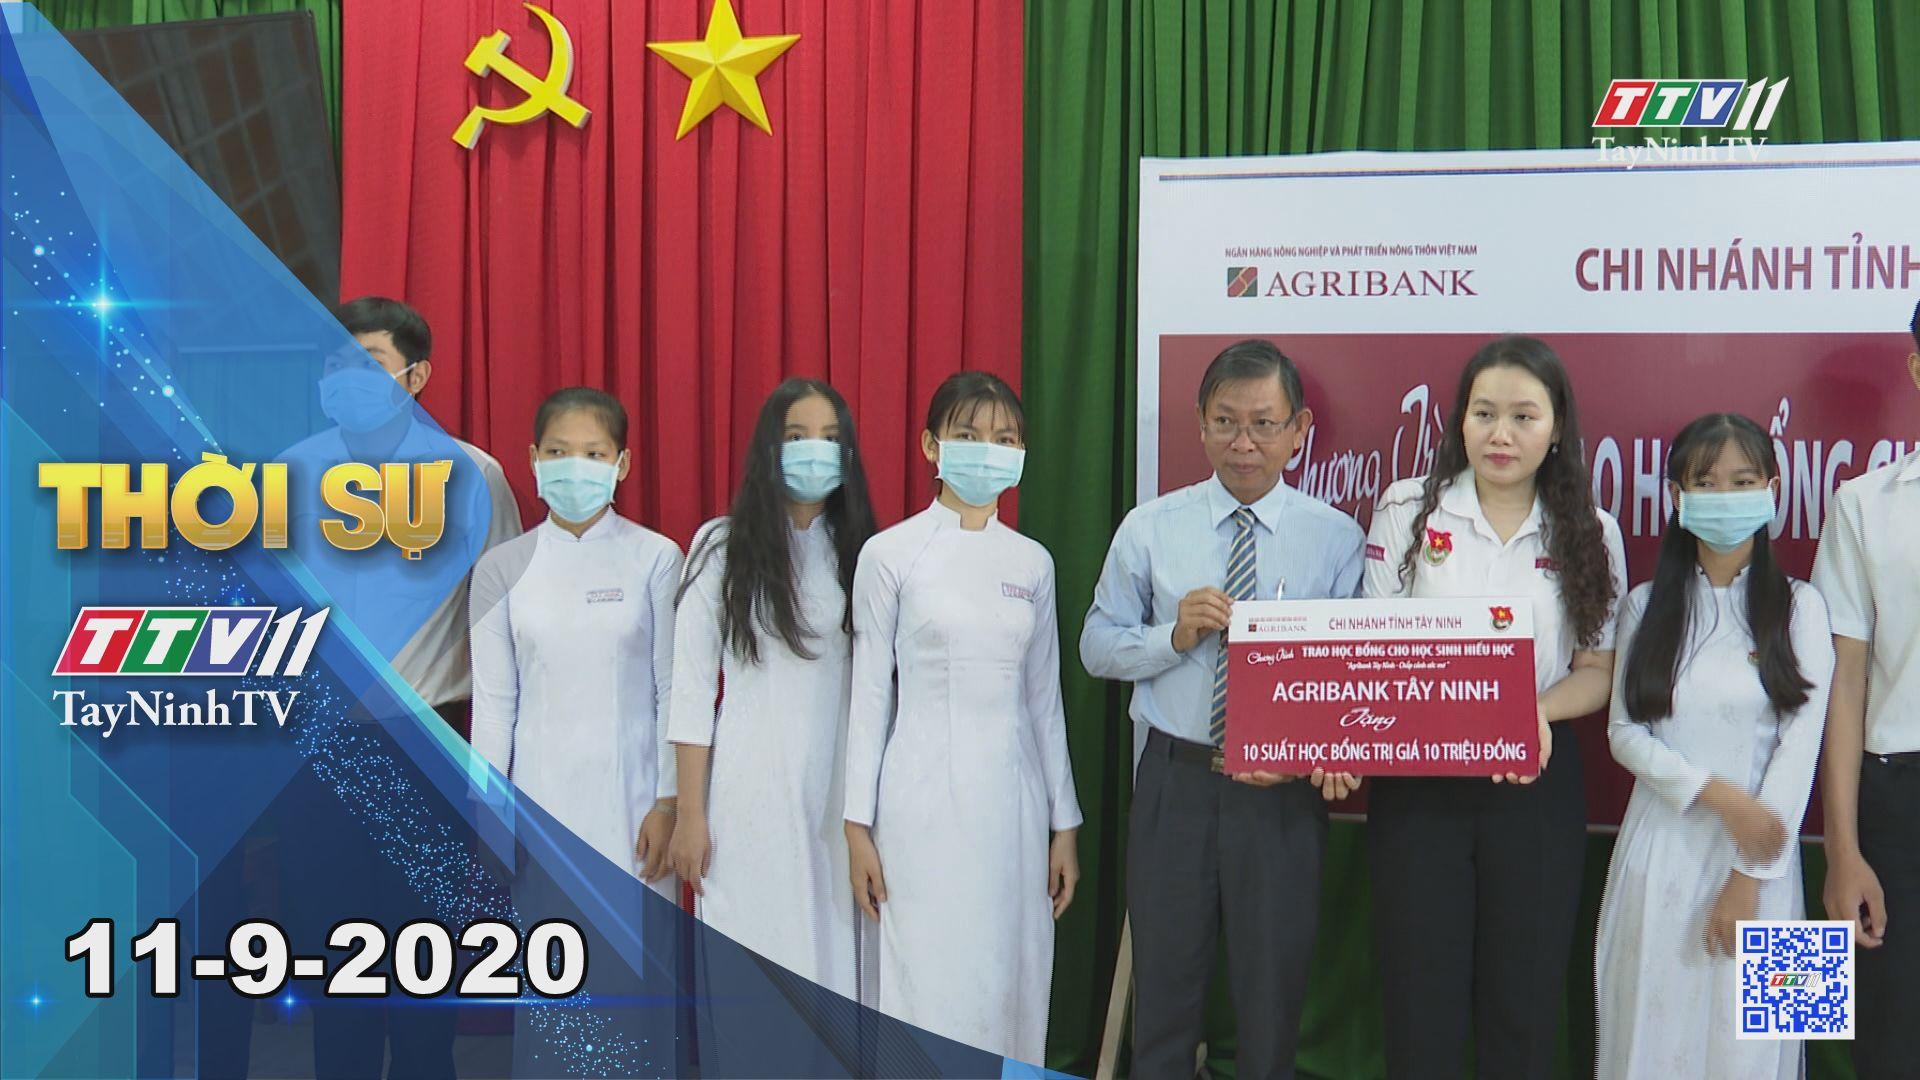 Thời sự Tây Ninh 11-9-2020 | Tin tức hôm nay | TayNinhTV